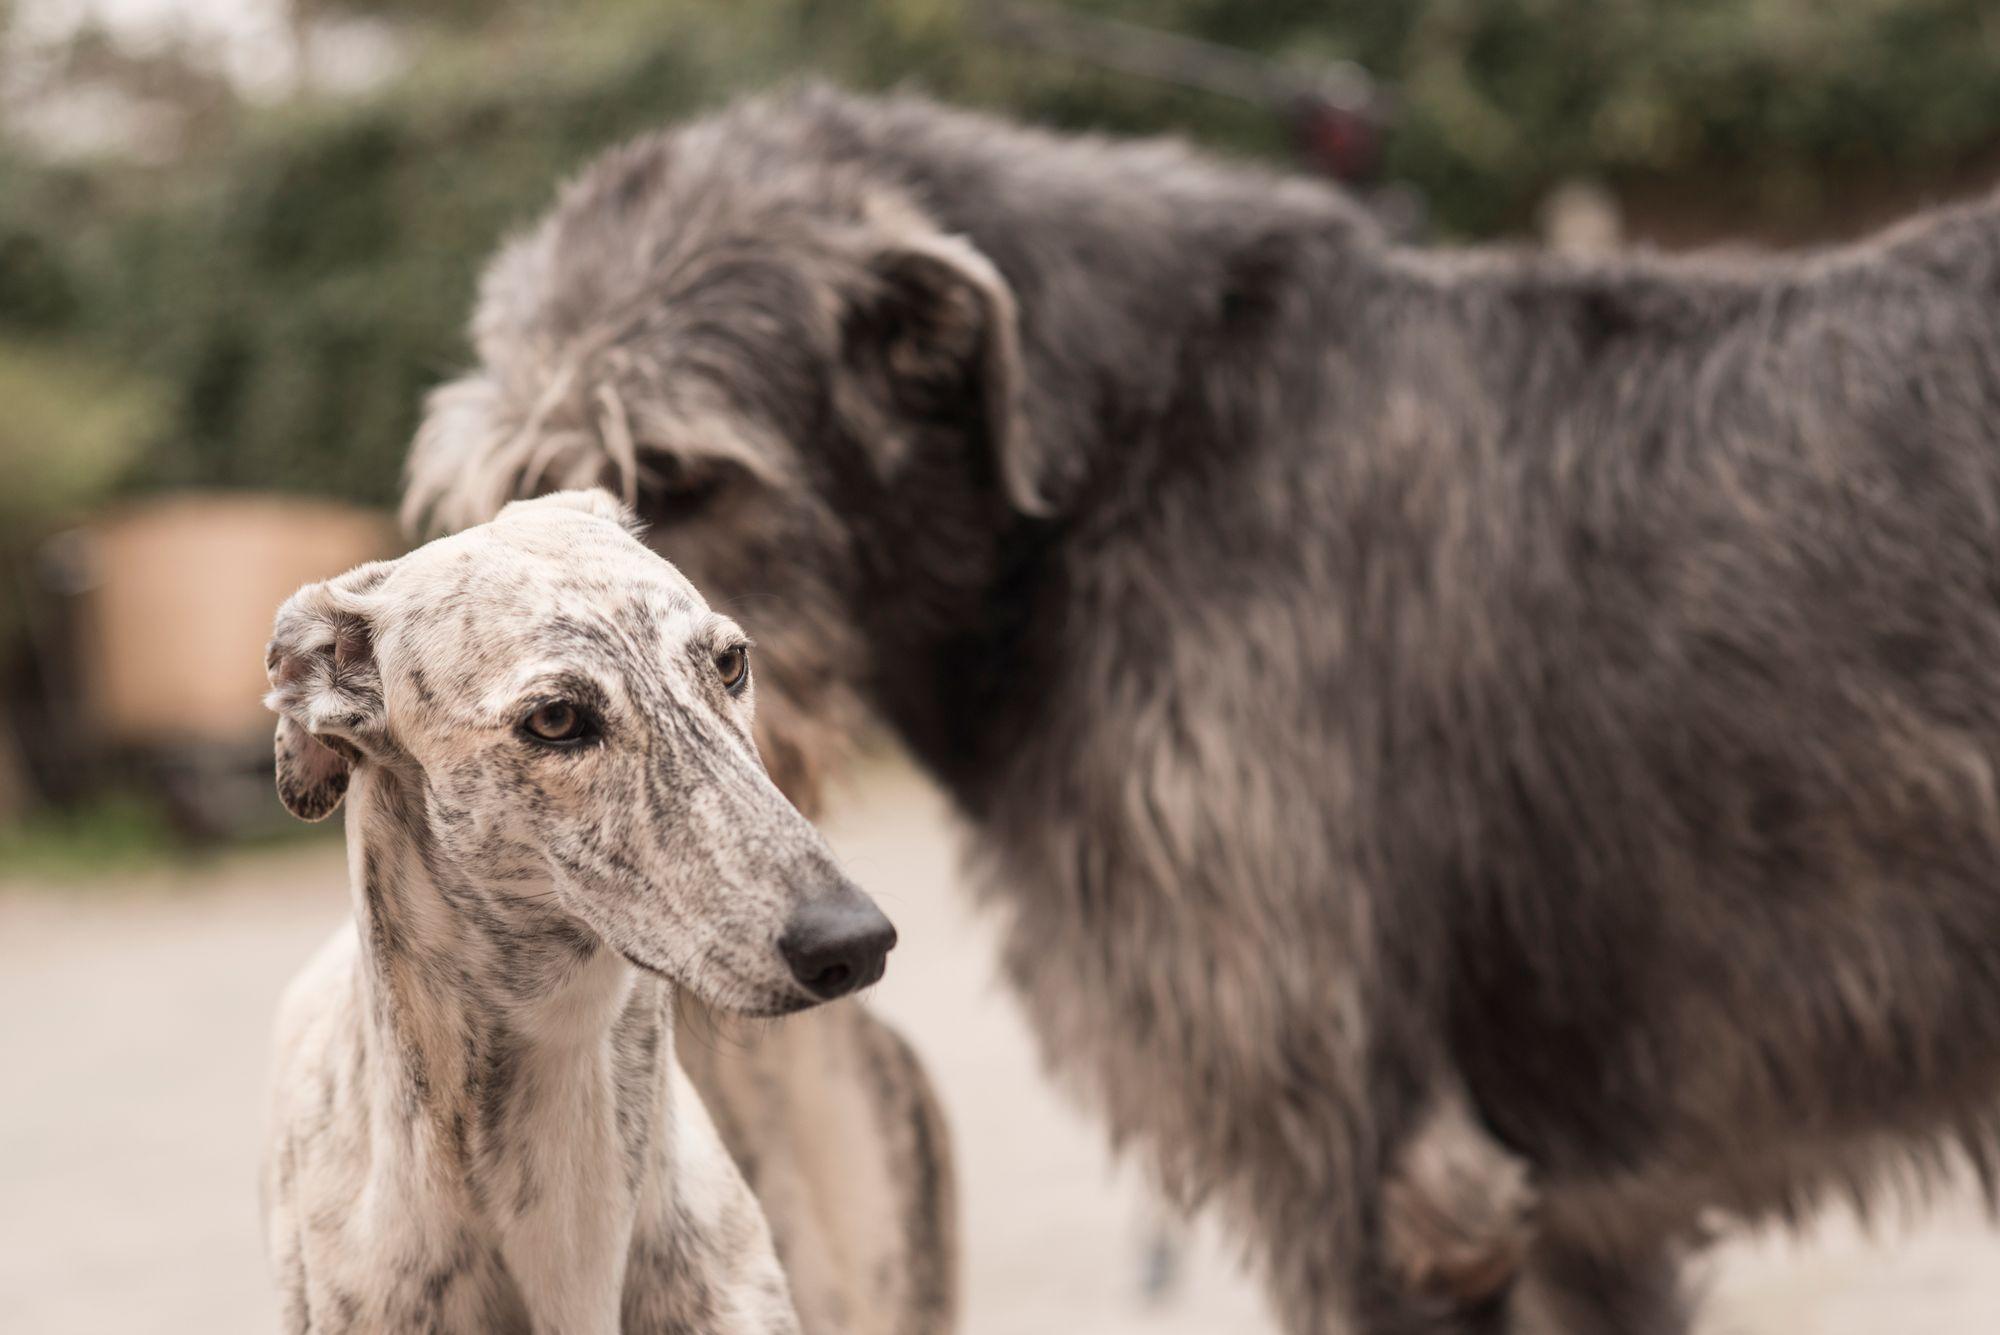 Galgo and Irish Wolfhound